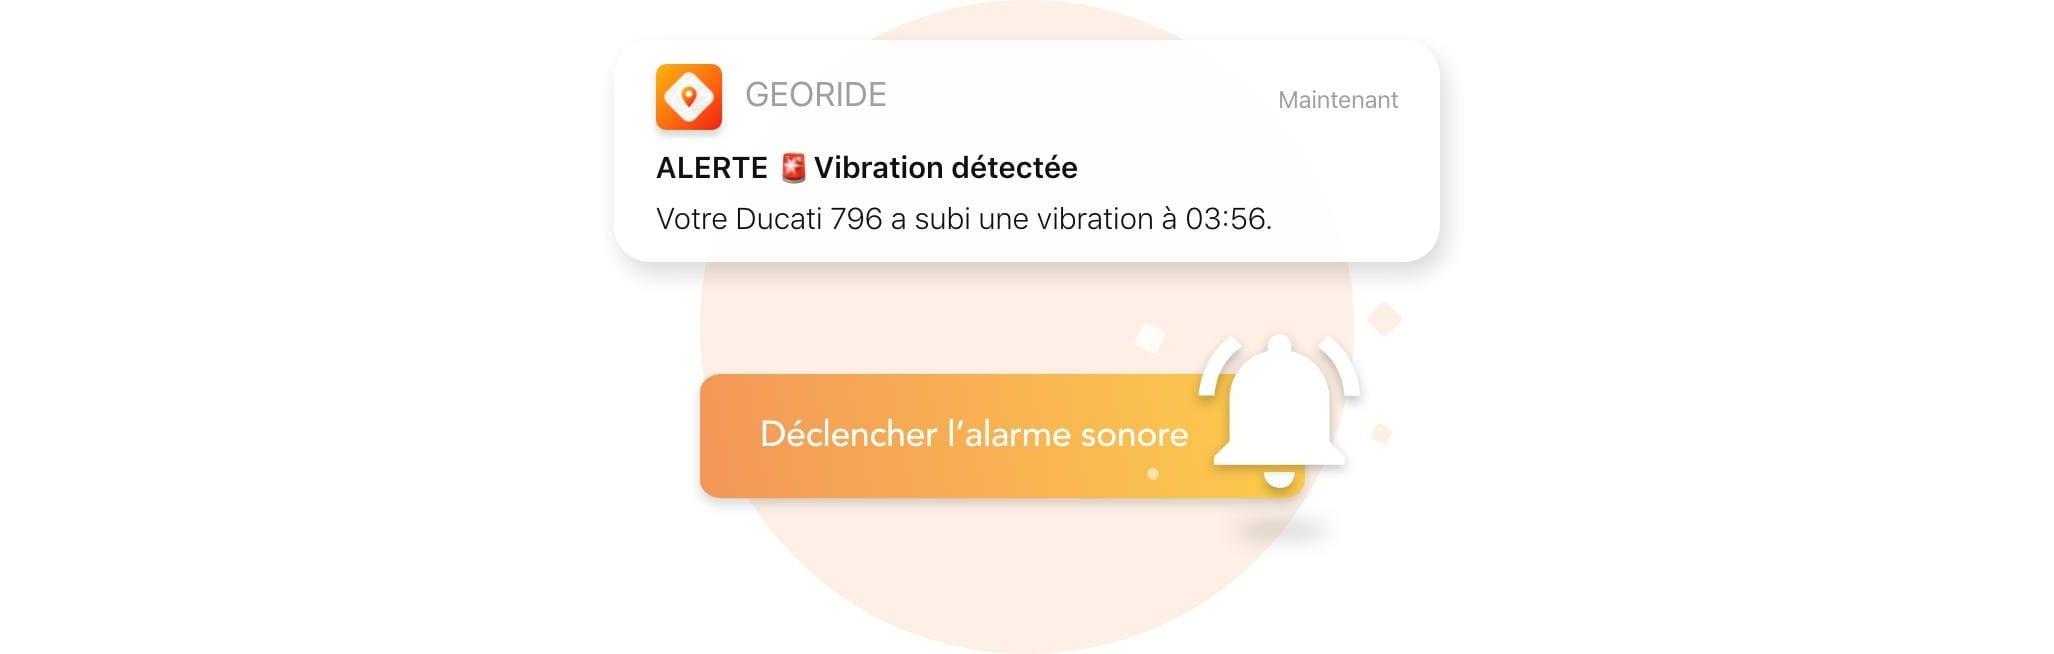 Alarme sonore de GeoRide 2